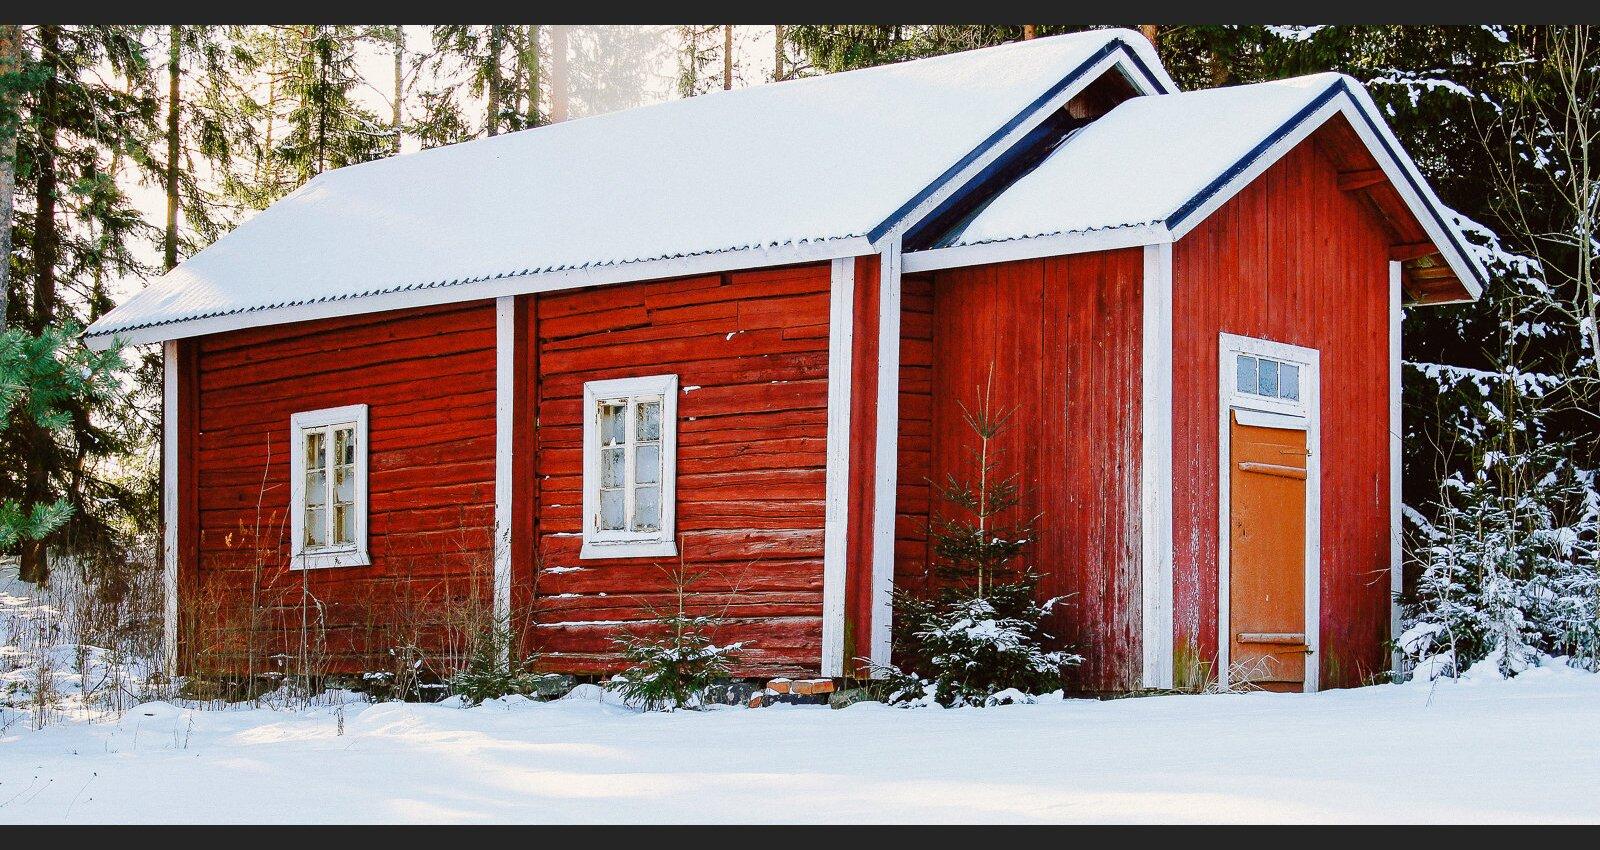 Dzīvojamā ēka ar saimniecības ēkas statusu: vai šāda dzīvošana ir sodāma?